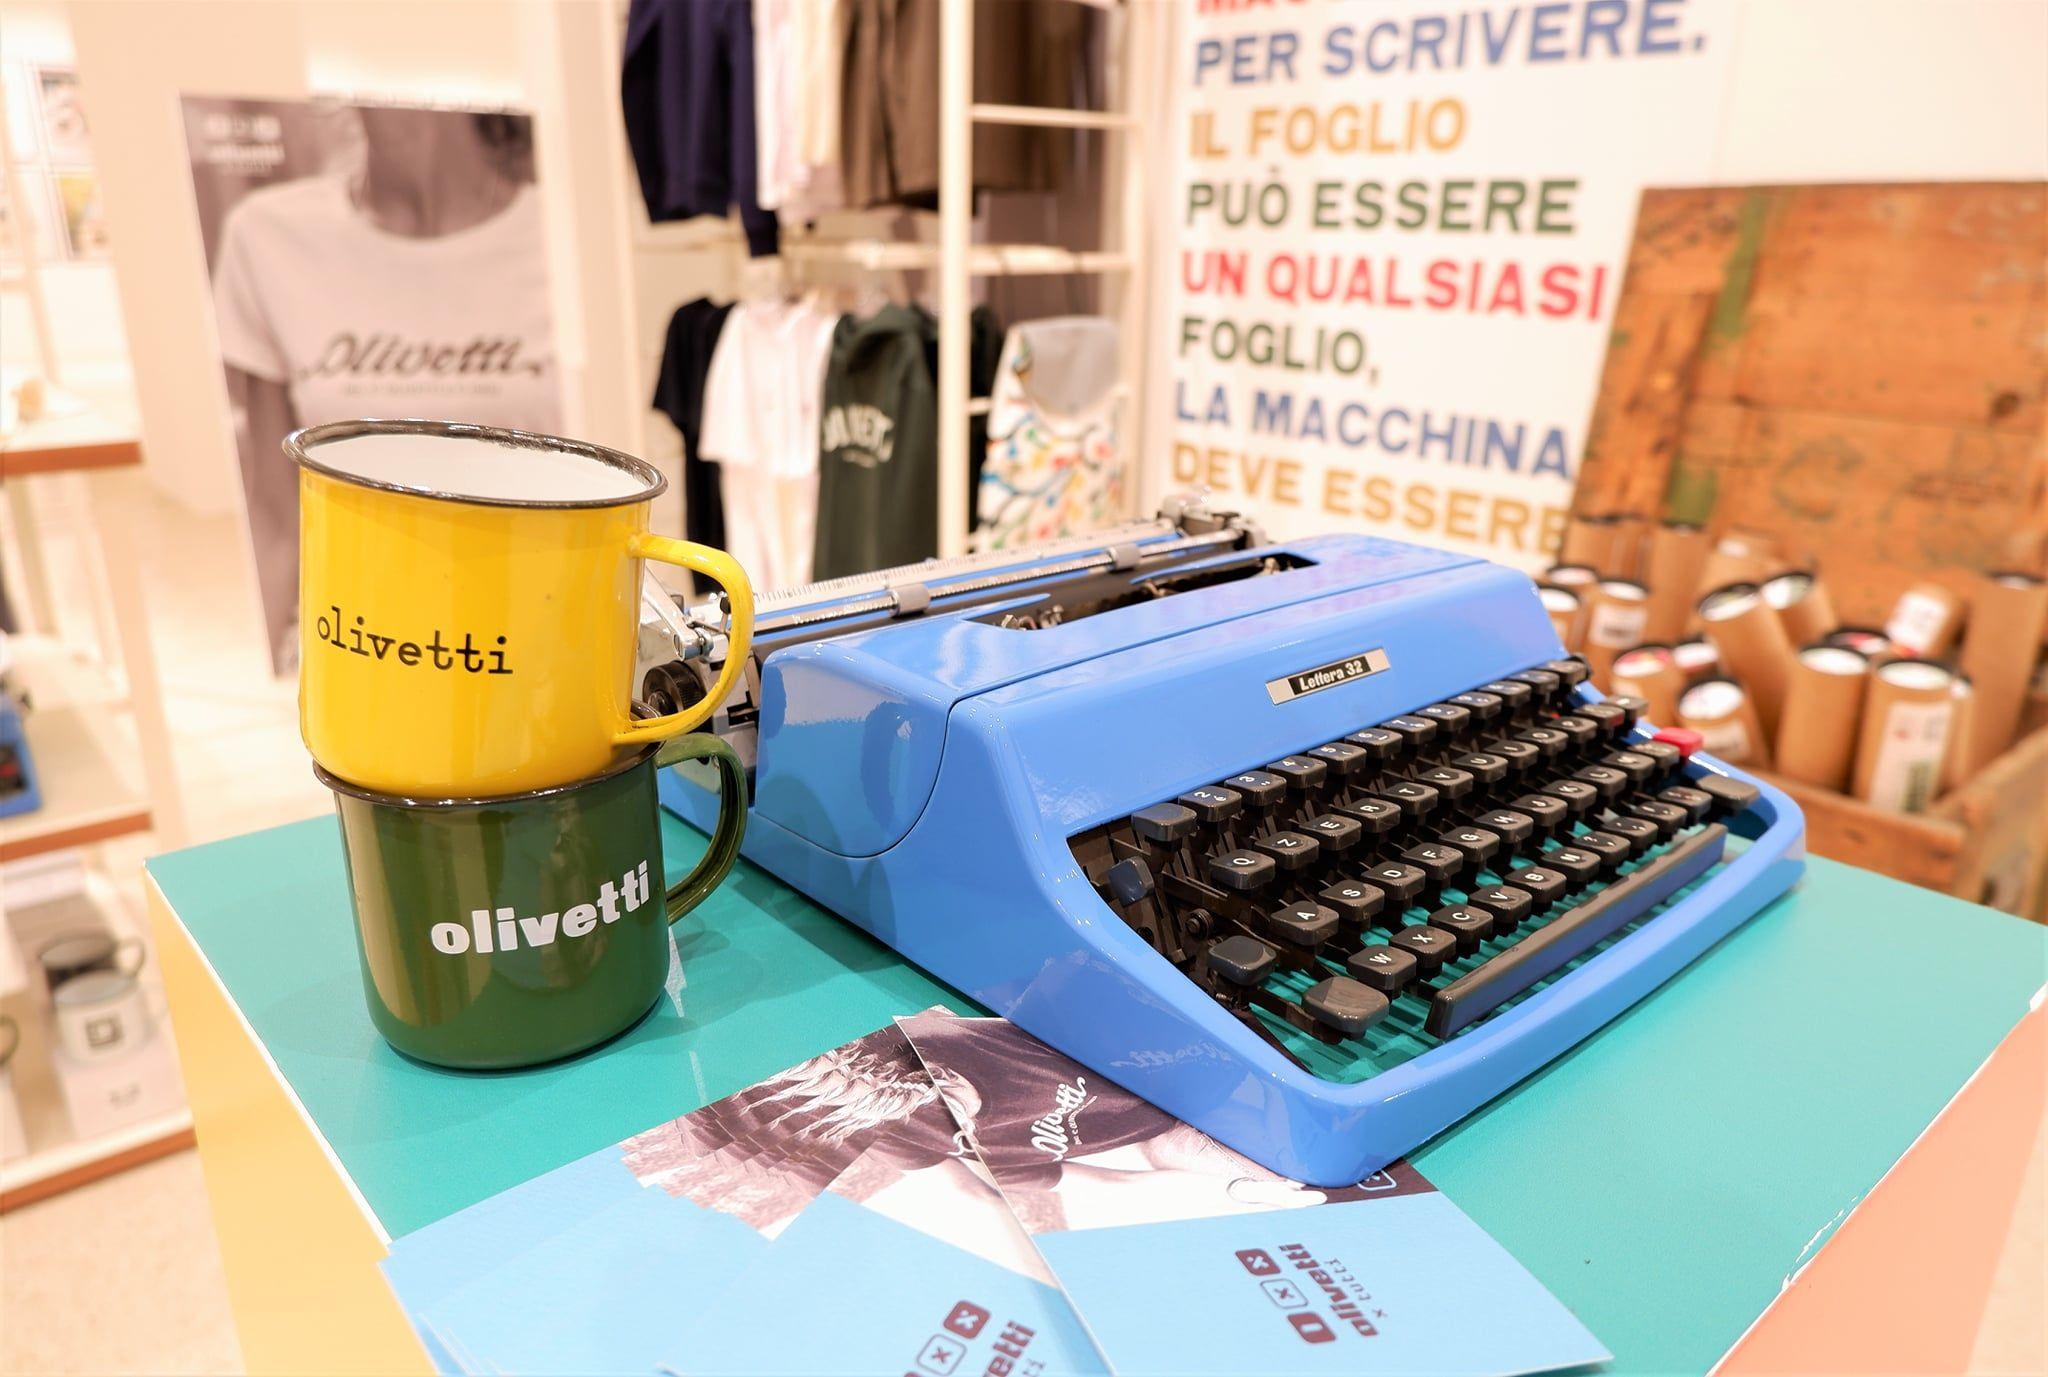 OLIVETTI - Alla Rinascente di Torino in mostra oltre 100 anni di innovazione e design Made in Canavese - FOTO